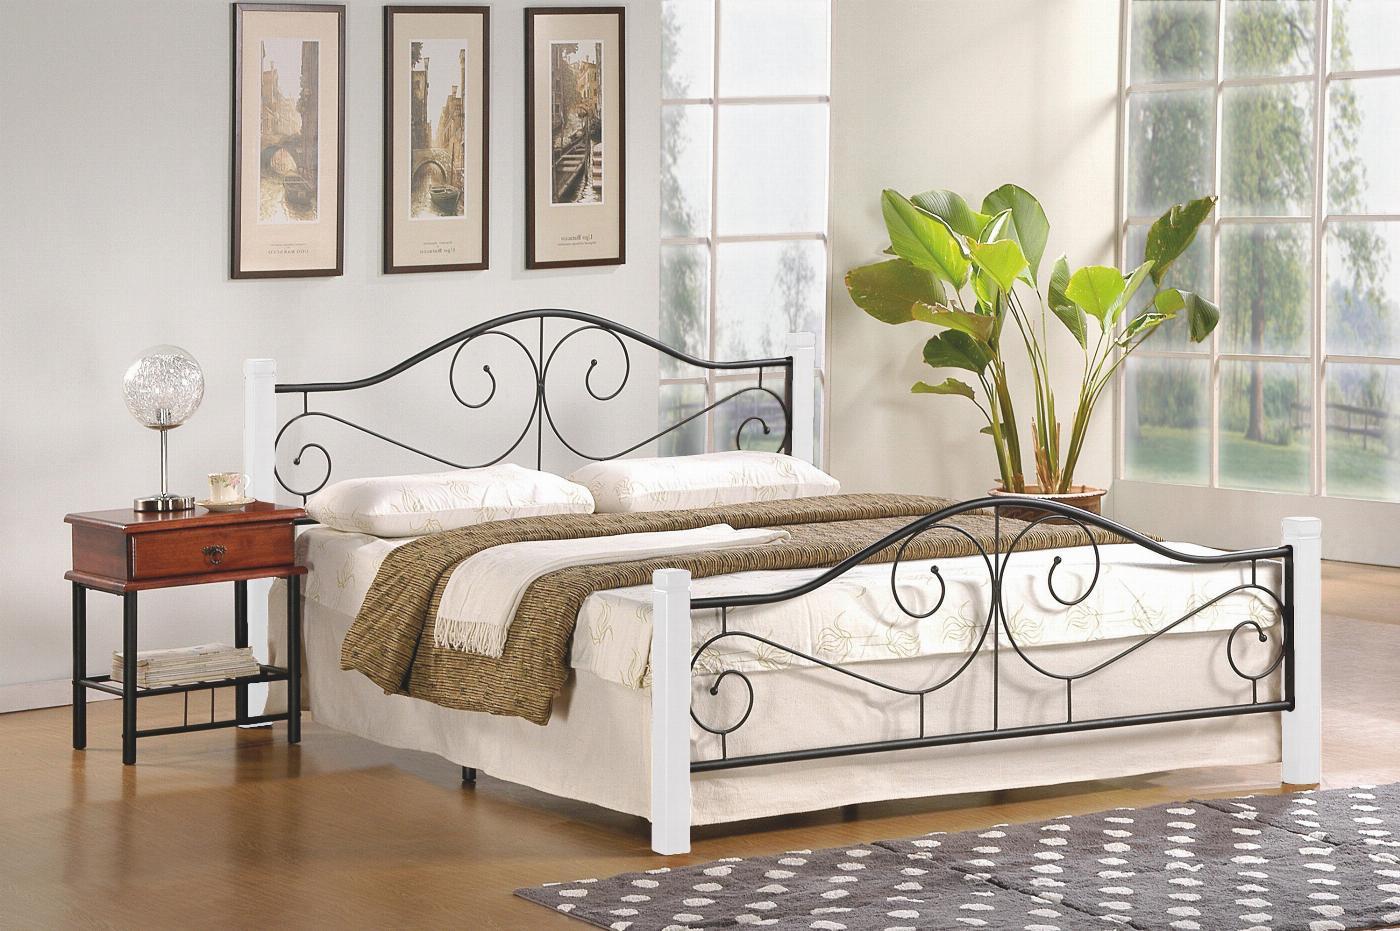 VIOLETTA 160 cm łóżko biały / czarny (3p=1szt) ze stelażem